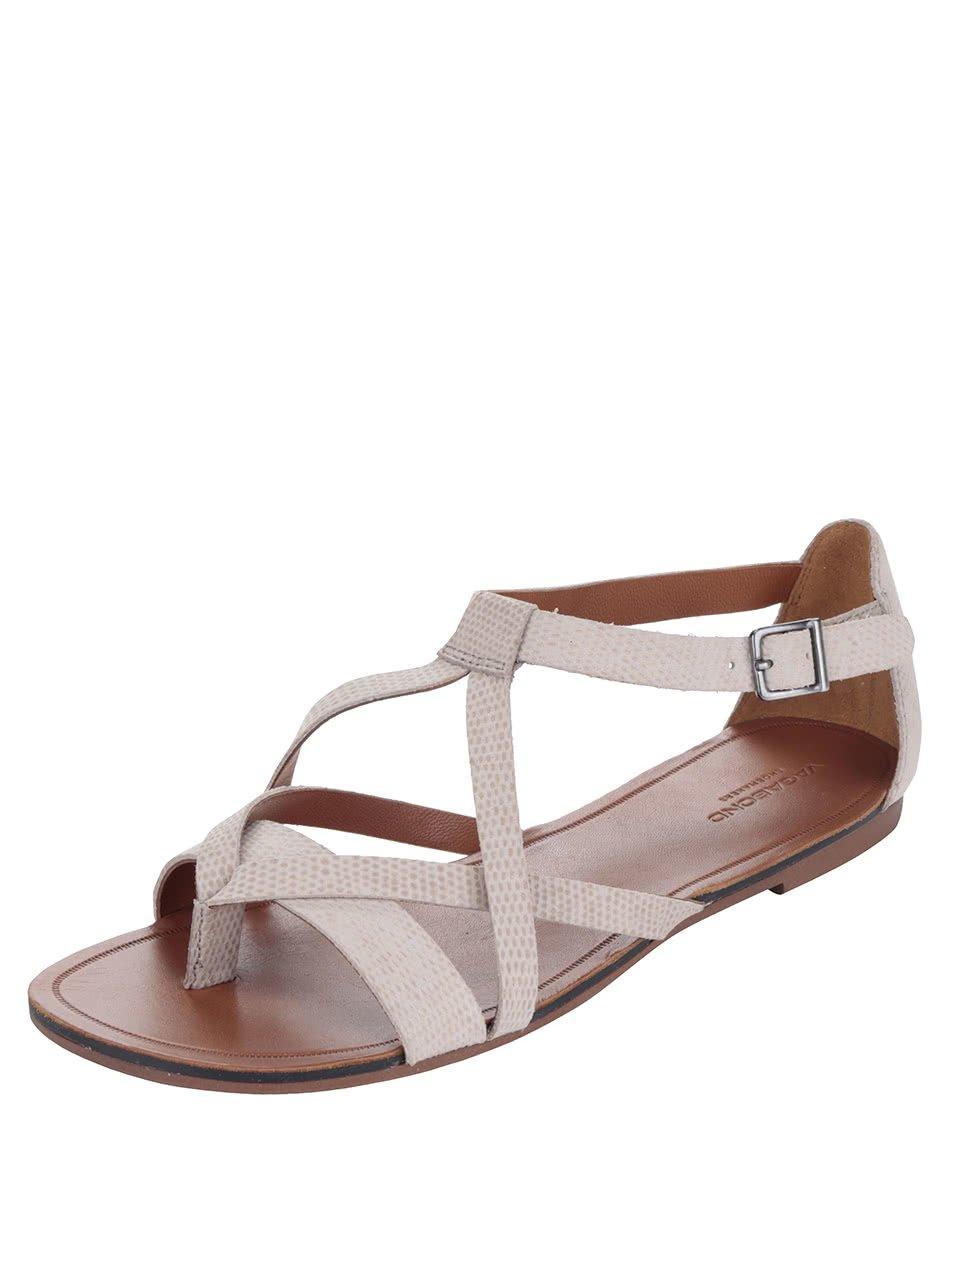 Béžové dámské kožené sandály s jemným vzorem Vagabond Tia